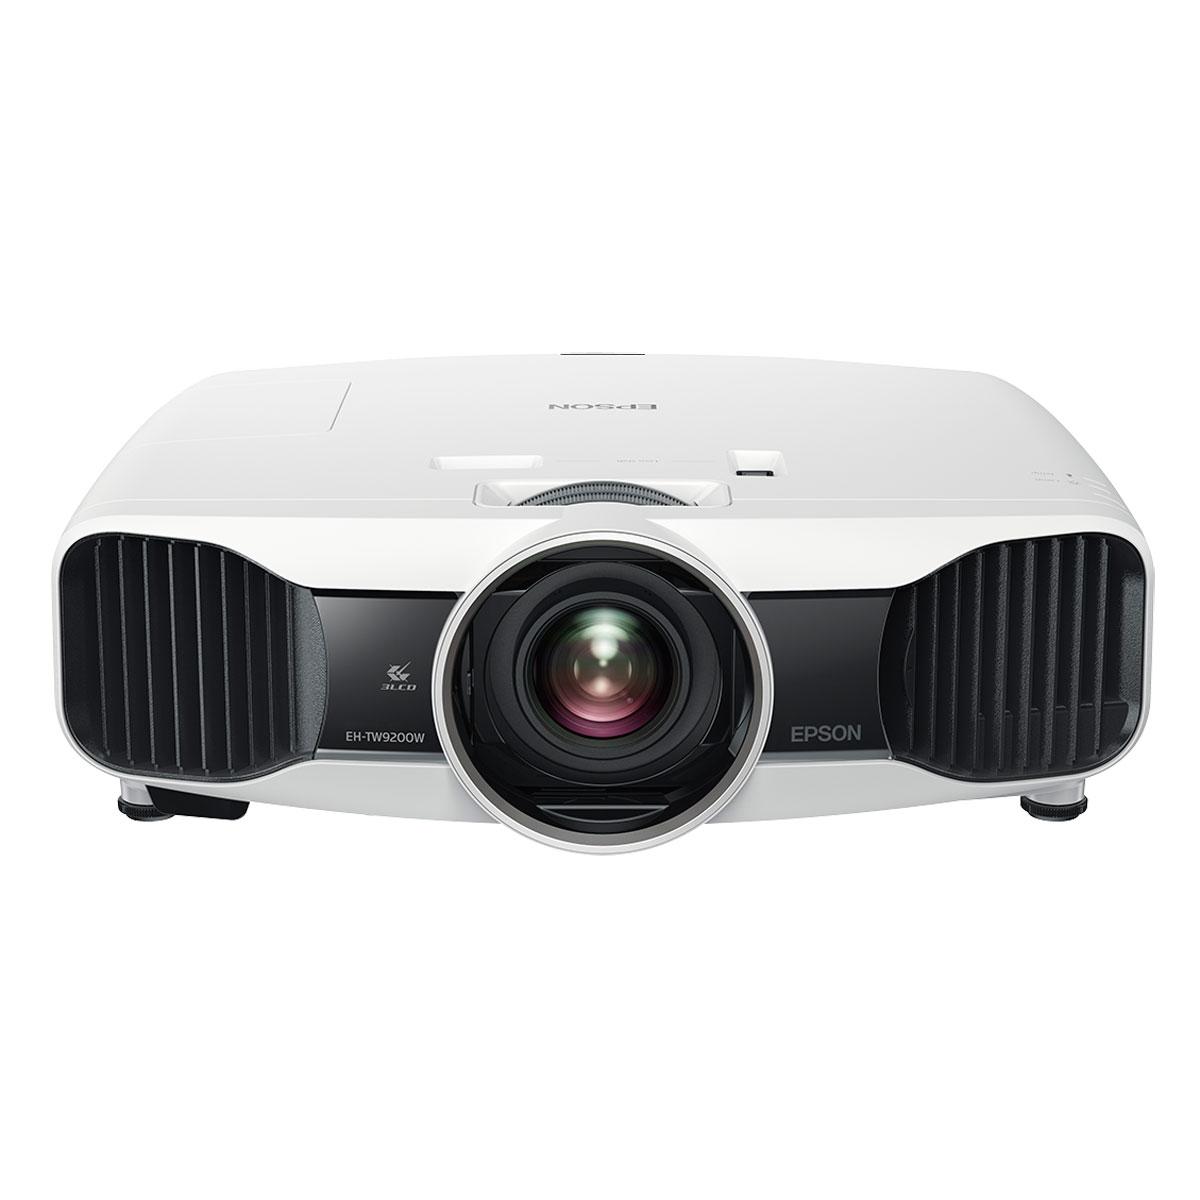 Vidéoprojecteur Epson EH-TW9200W Vidéoprojecteur 3LCD sans fil 1920 x 1080 Full HD 3D 2400 Lumens - transmetteur audio et vidéo sans fil inclus